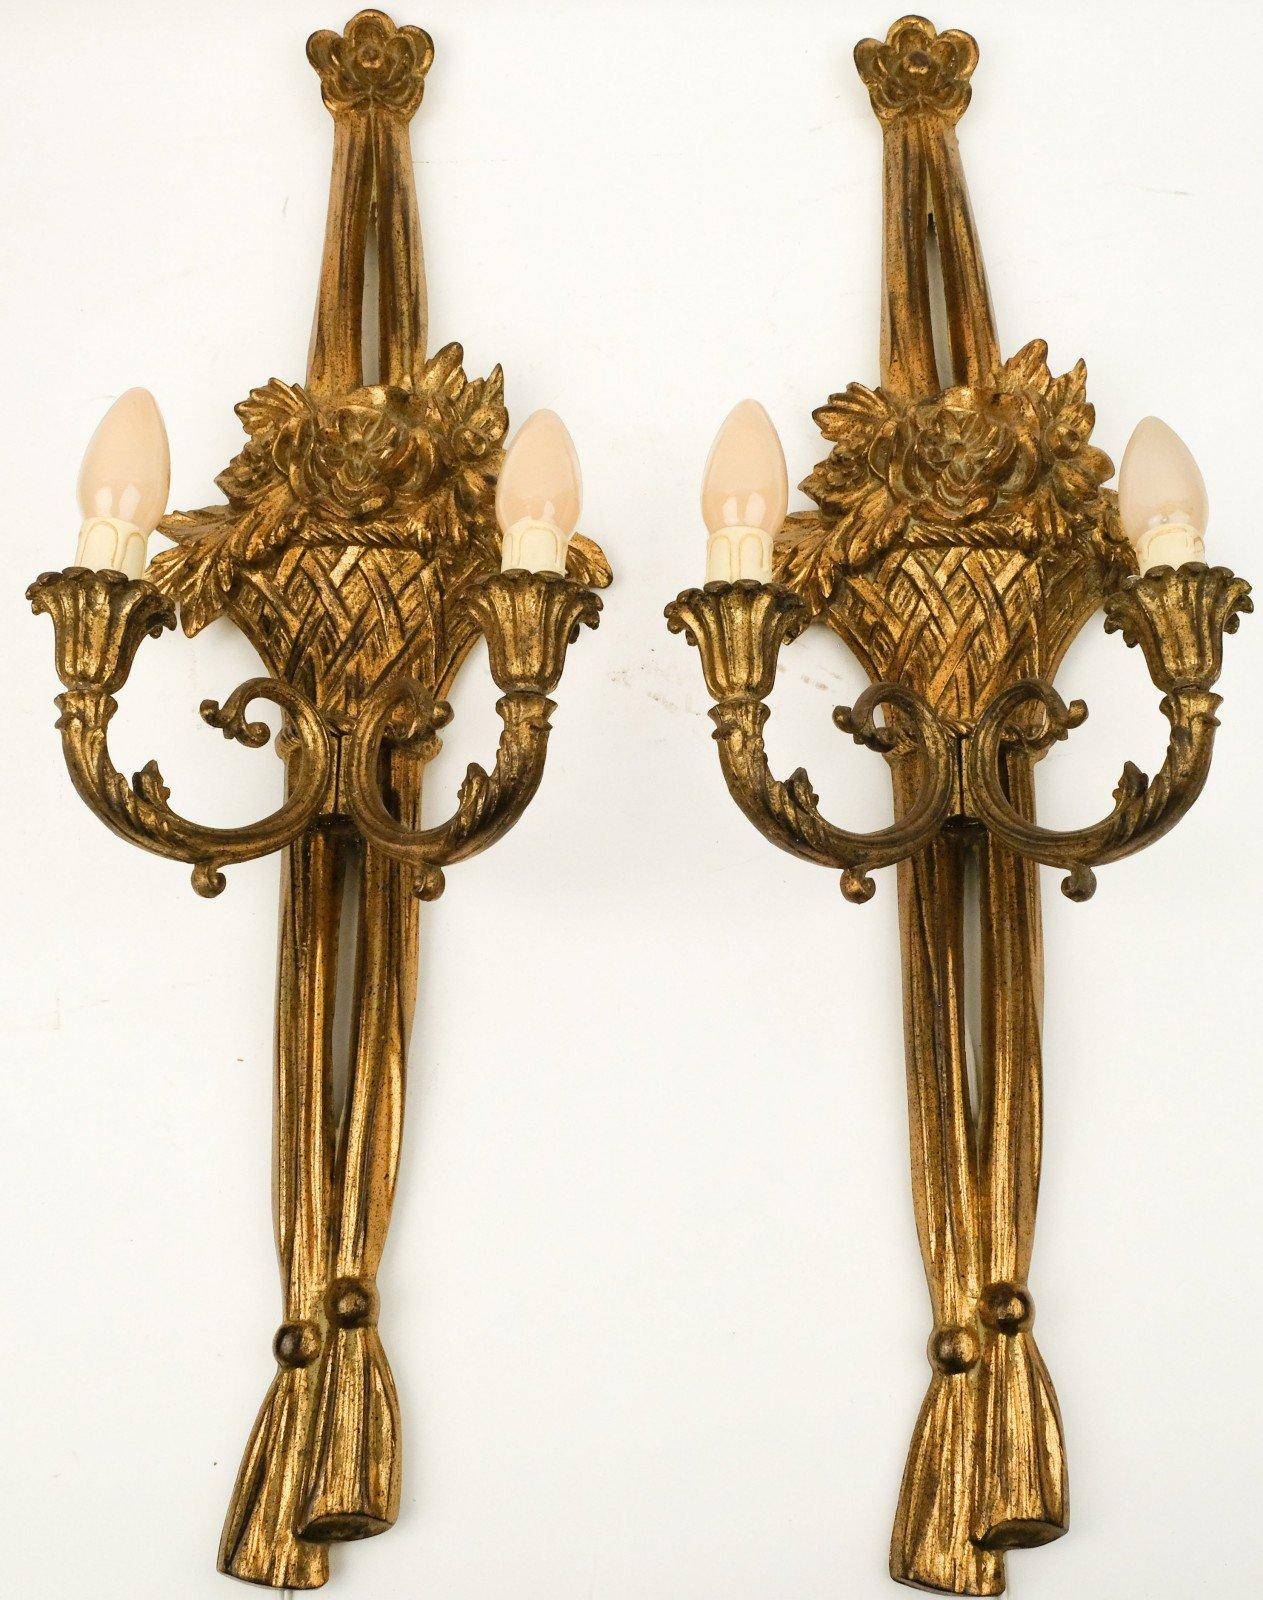 19e eeuwse spiegel Louis Seize stijl